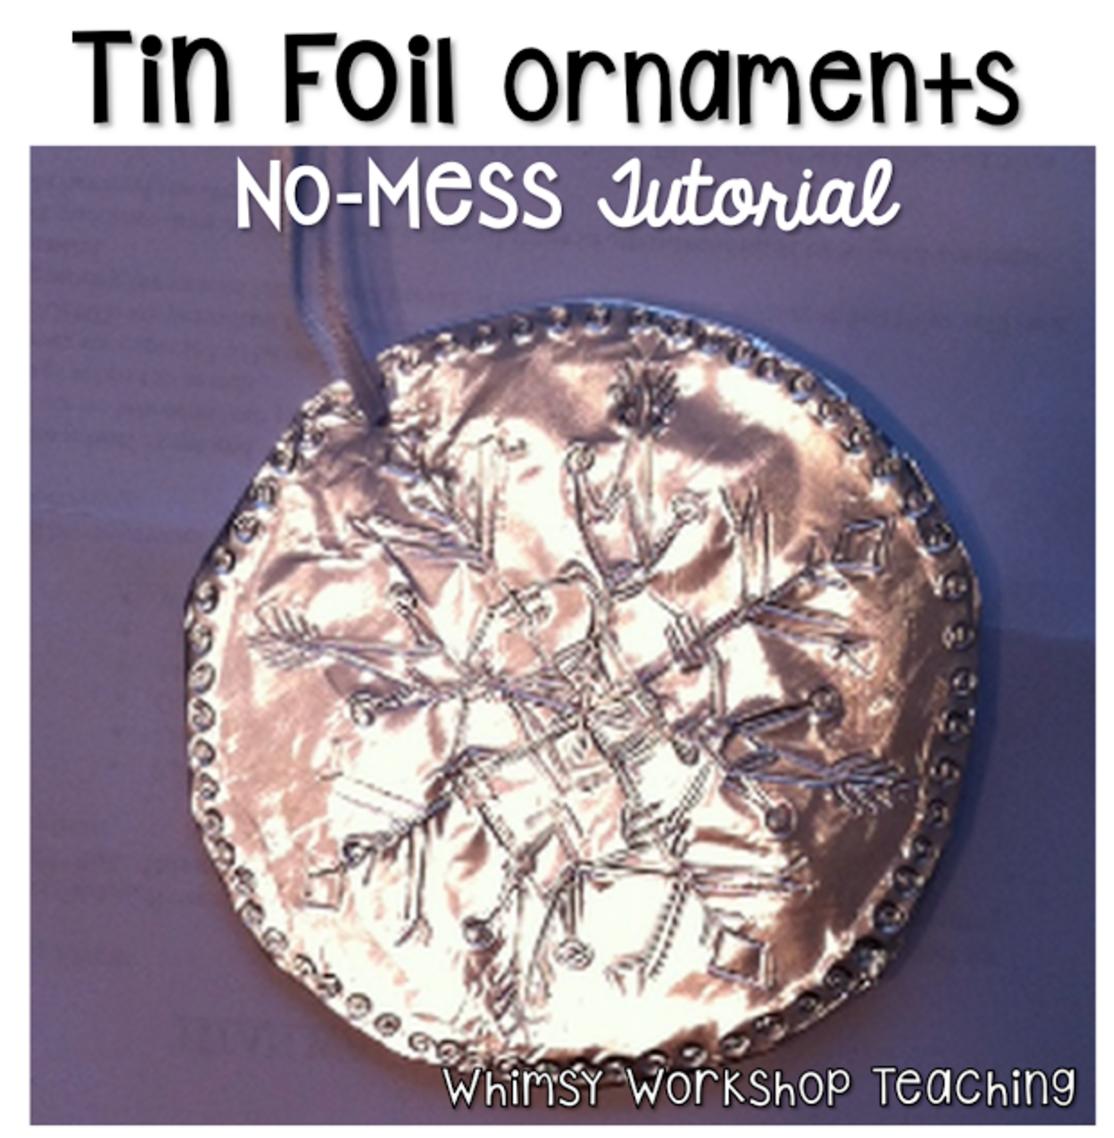 tin foil ornaments